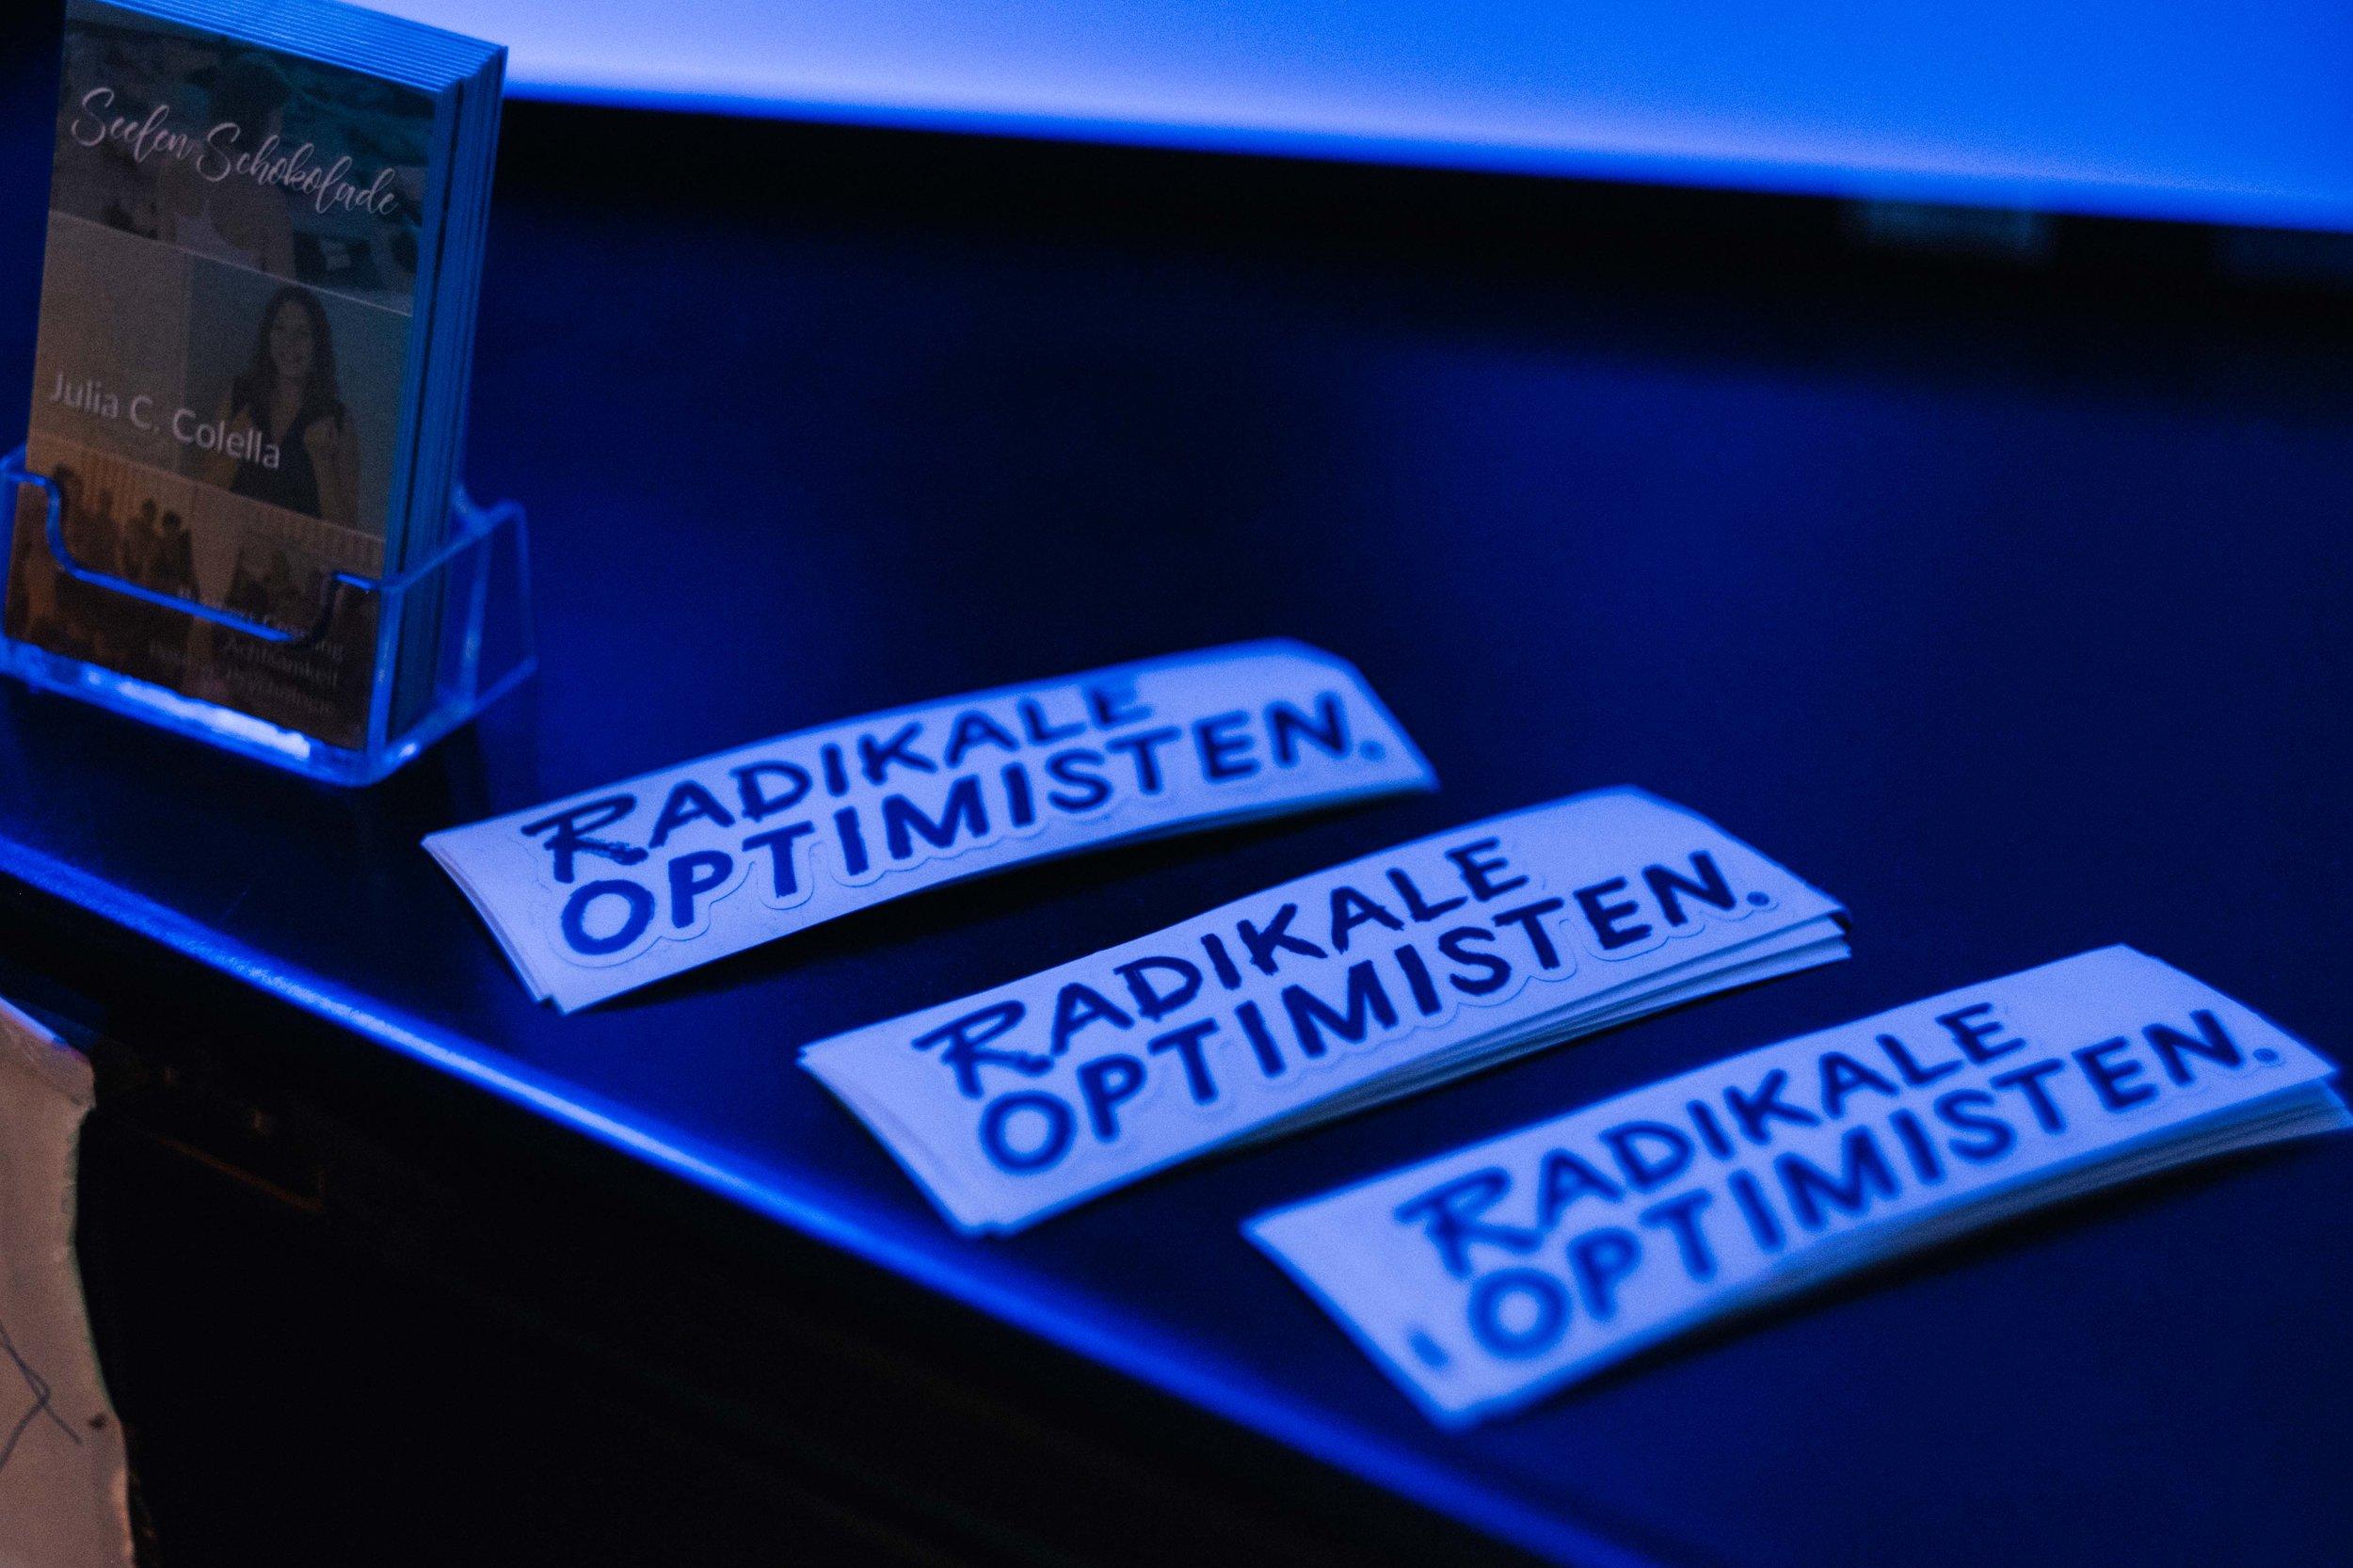 radikalen-optimisten-koeln-atheneadiapoulis-5.jpg